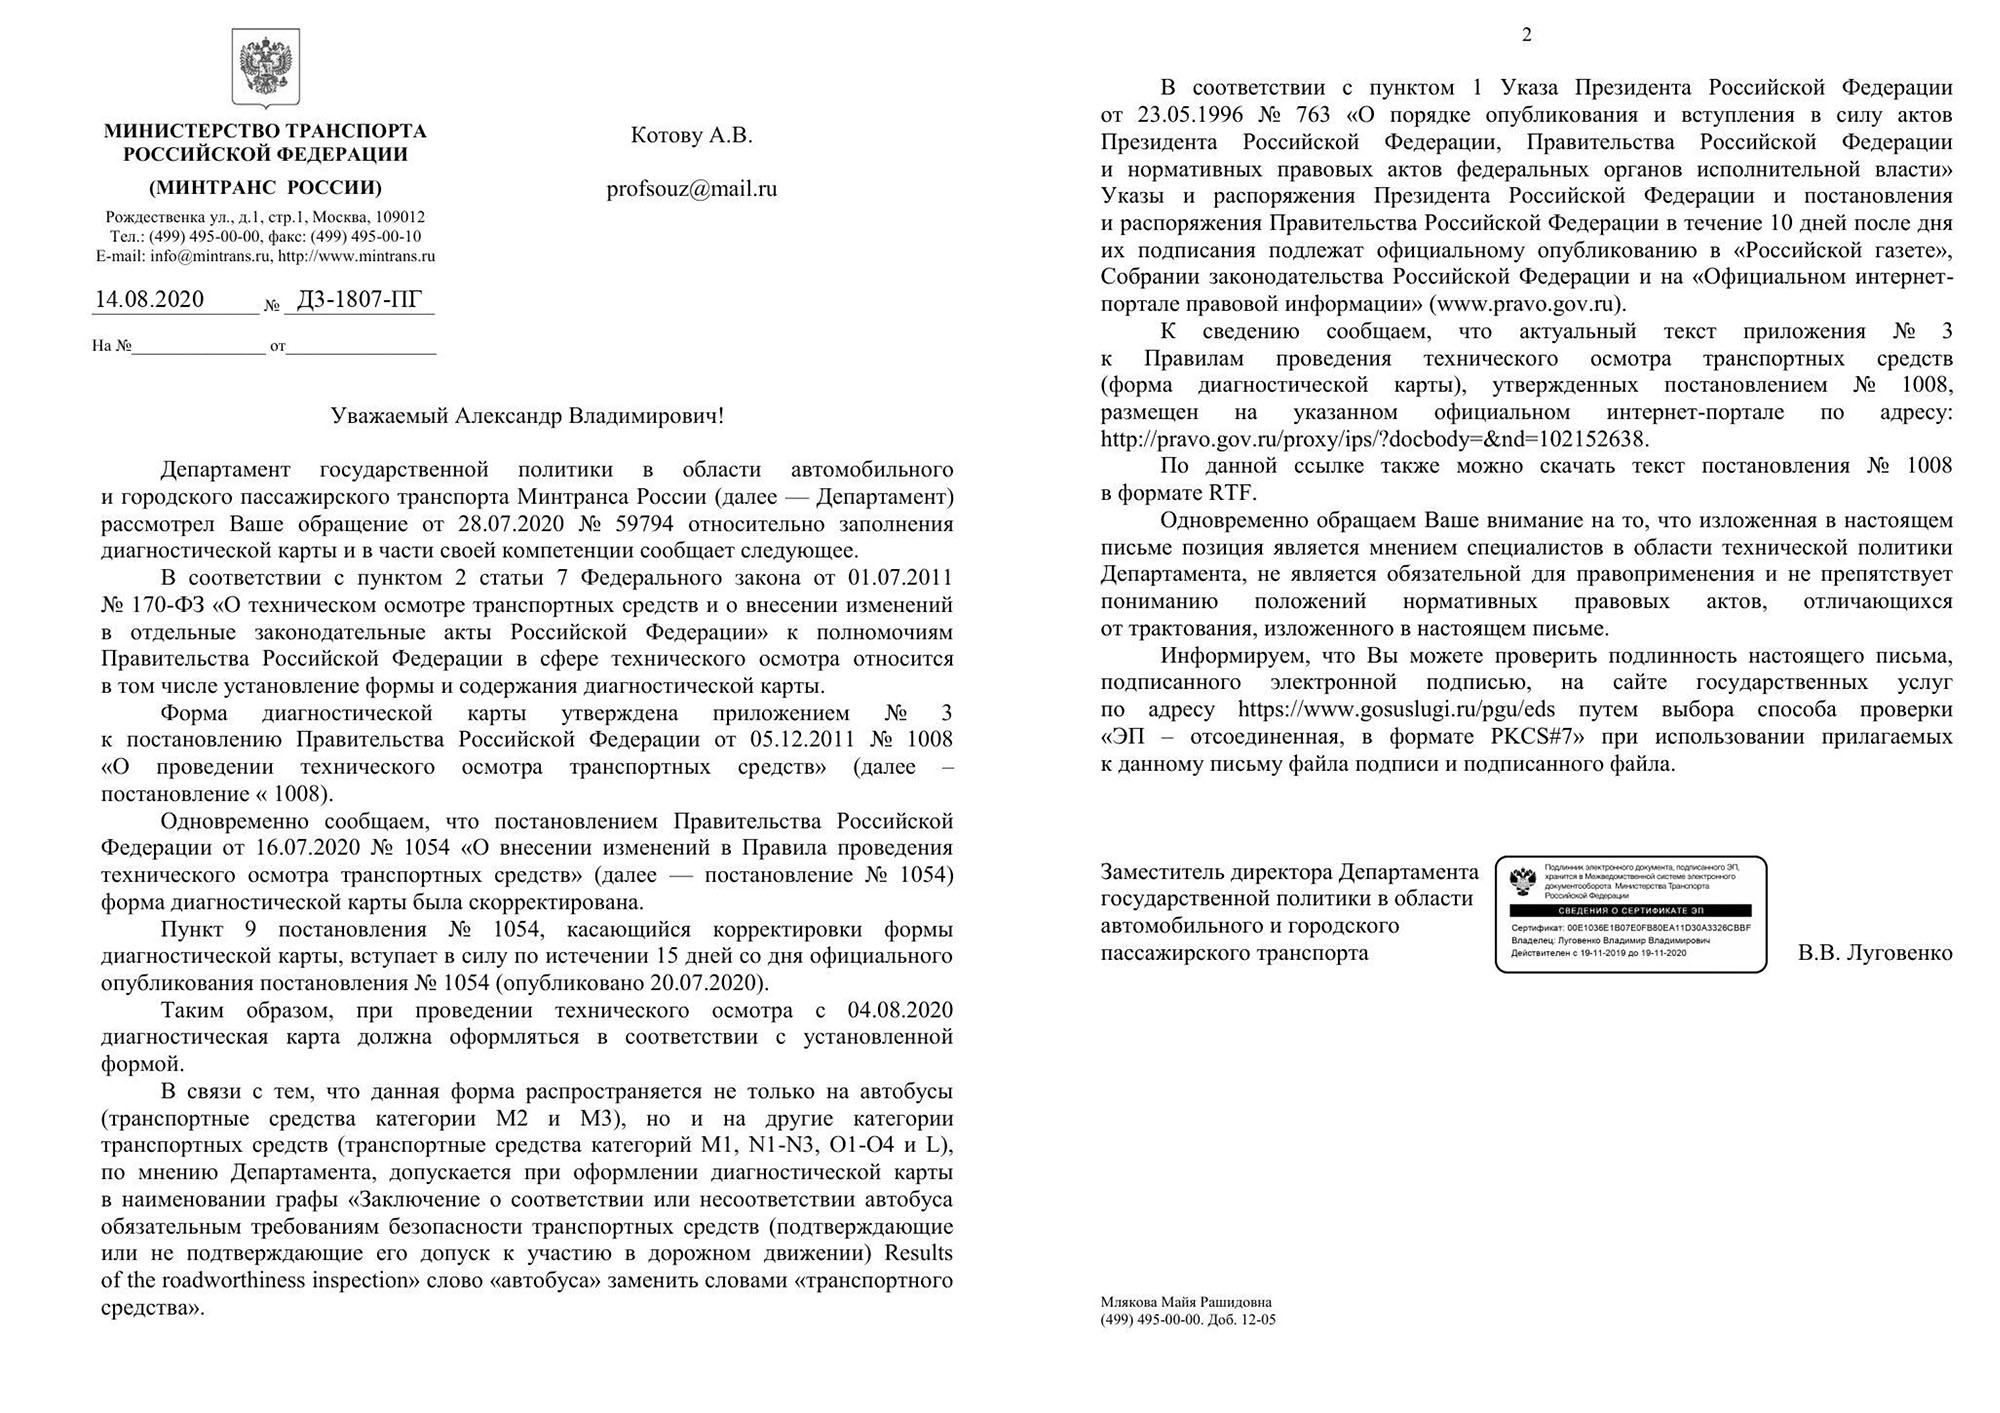 14.08.2020_Д3-1807-ПГ_Луговенко_В.В.jpg